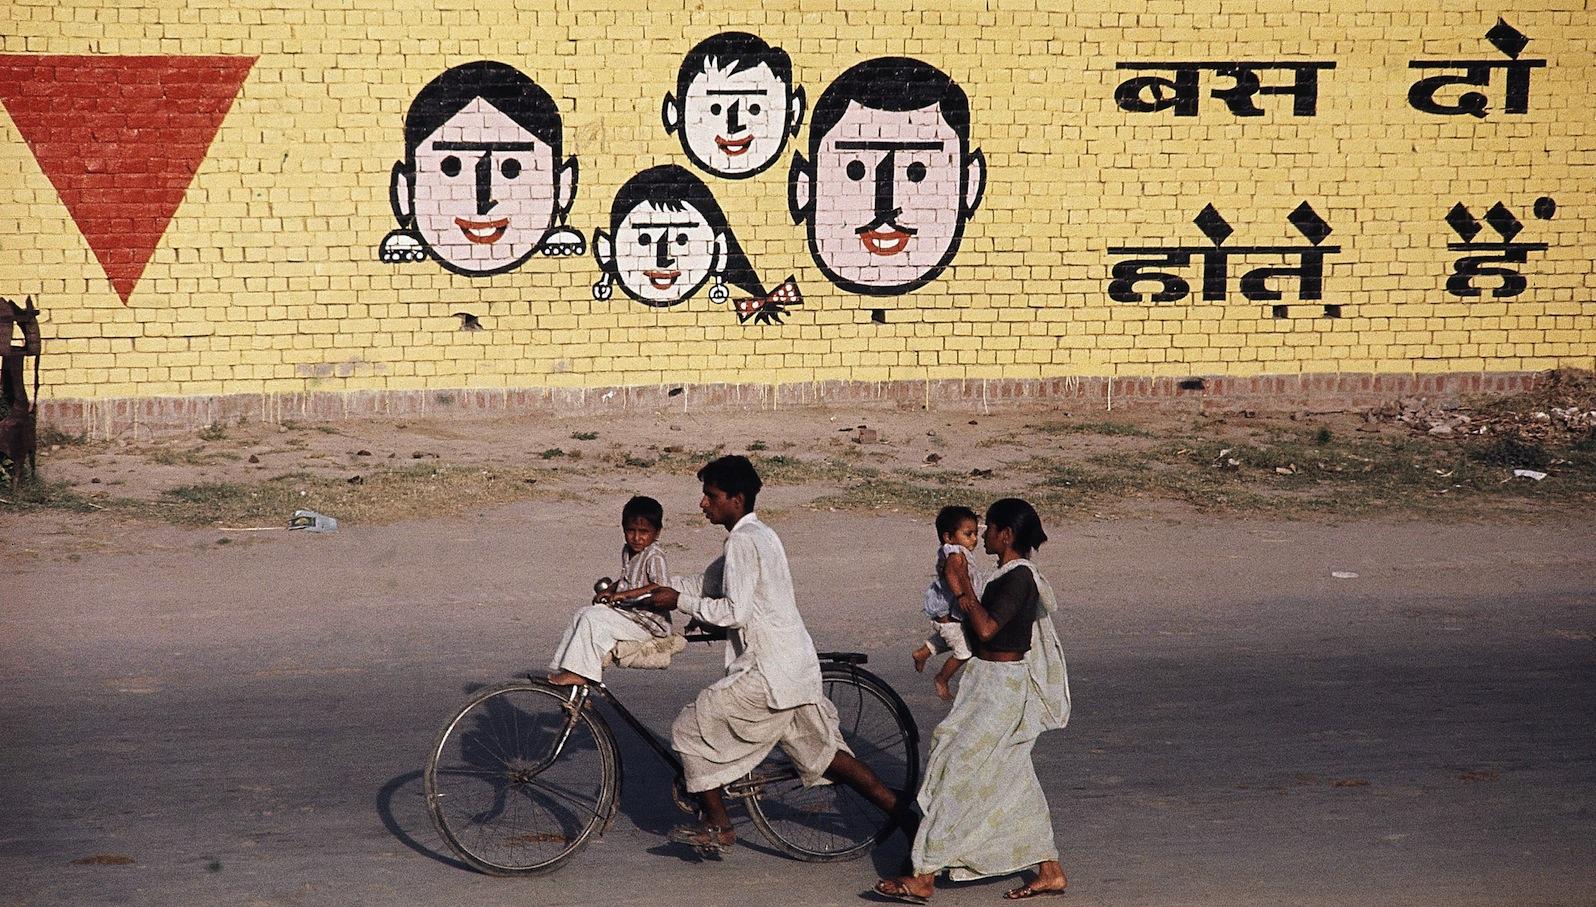 India-birth-control-pill